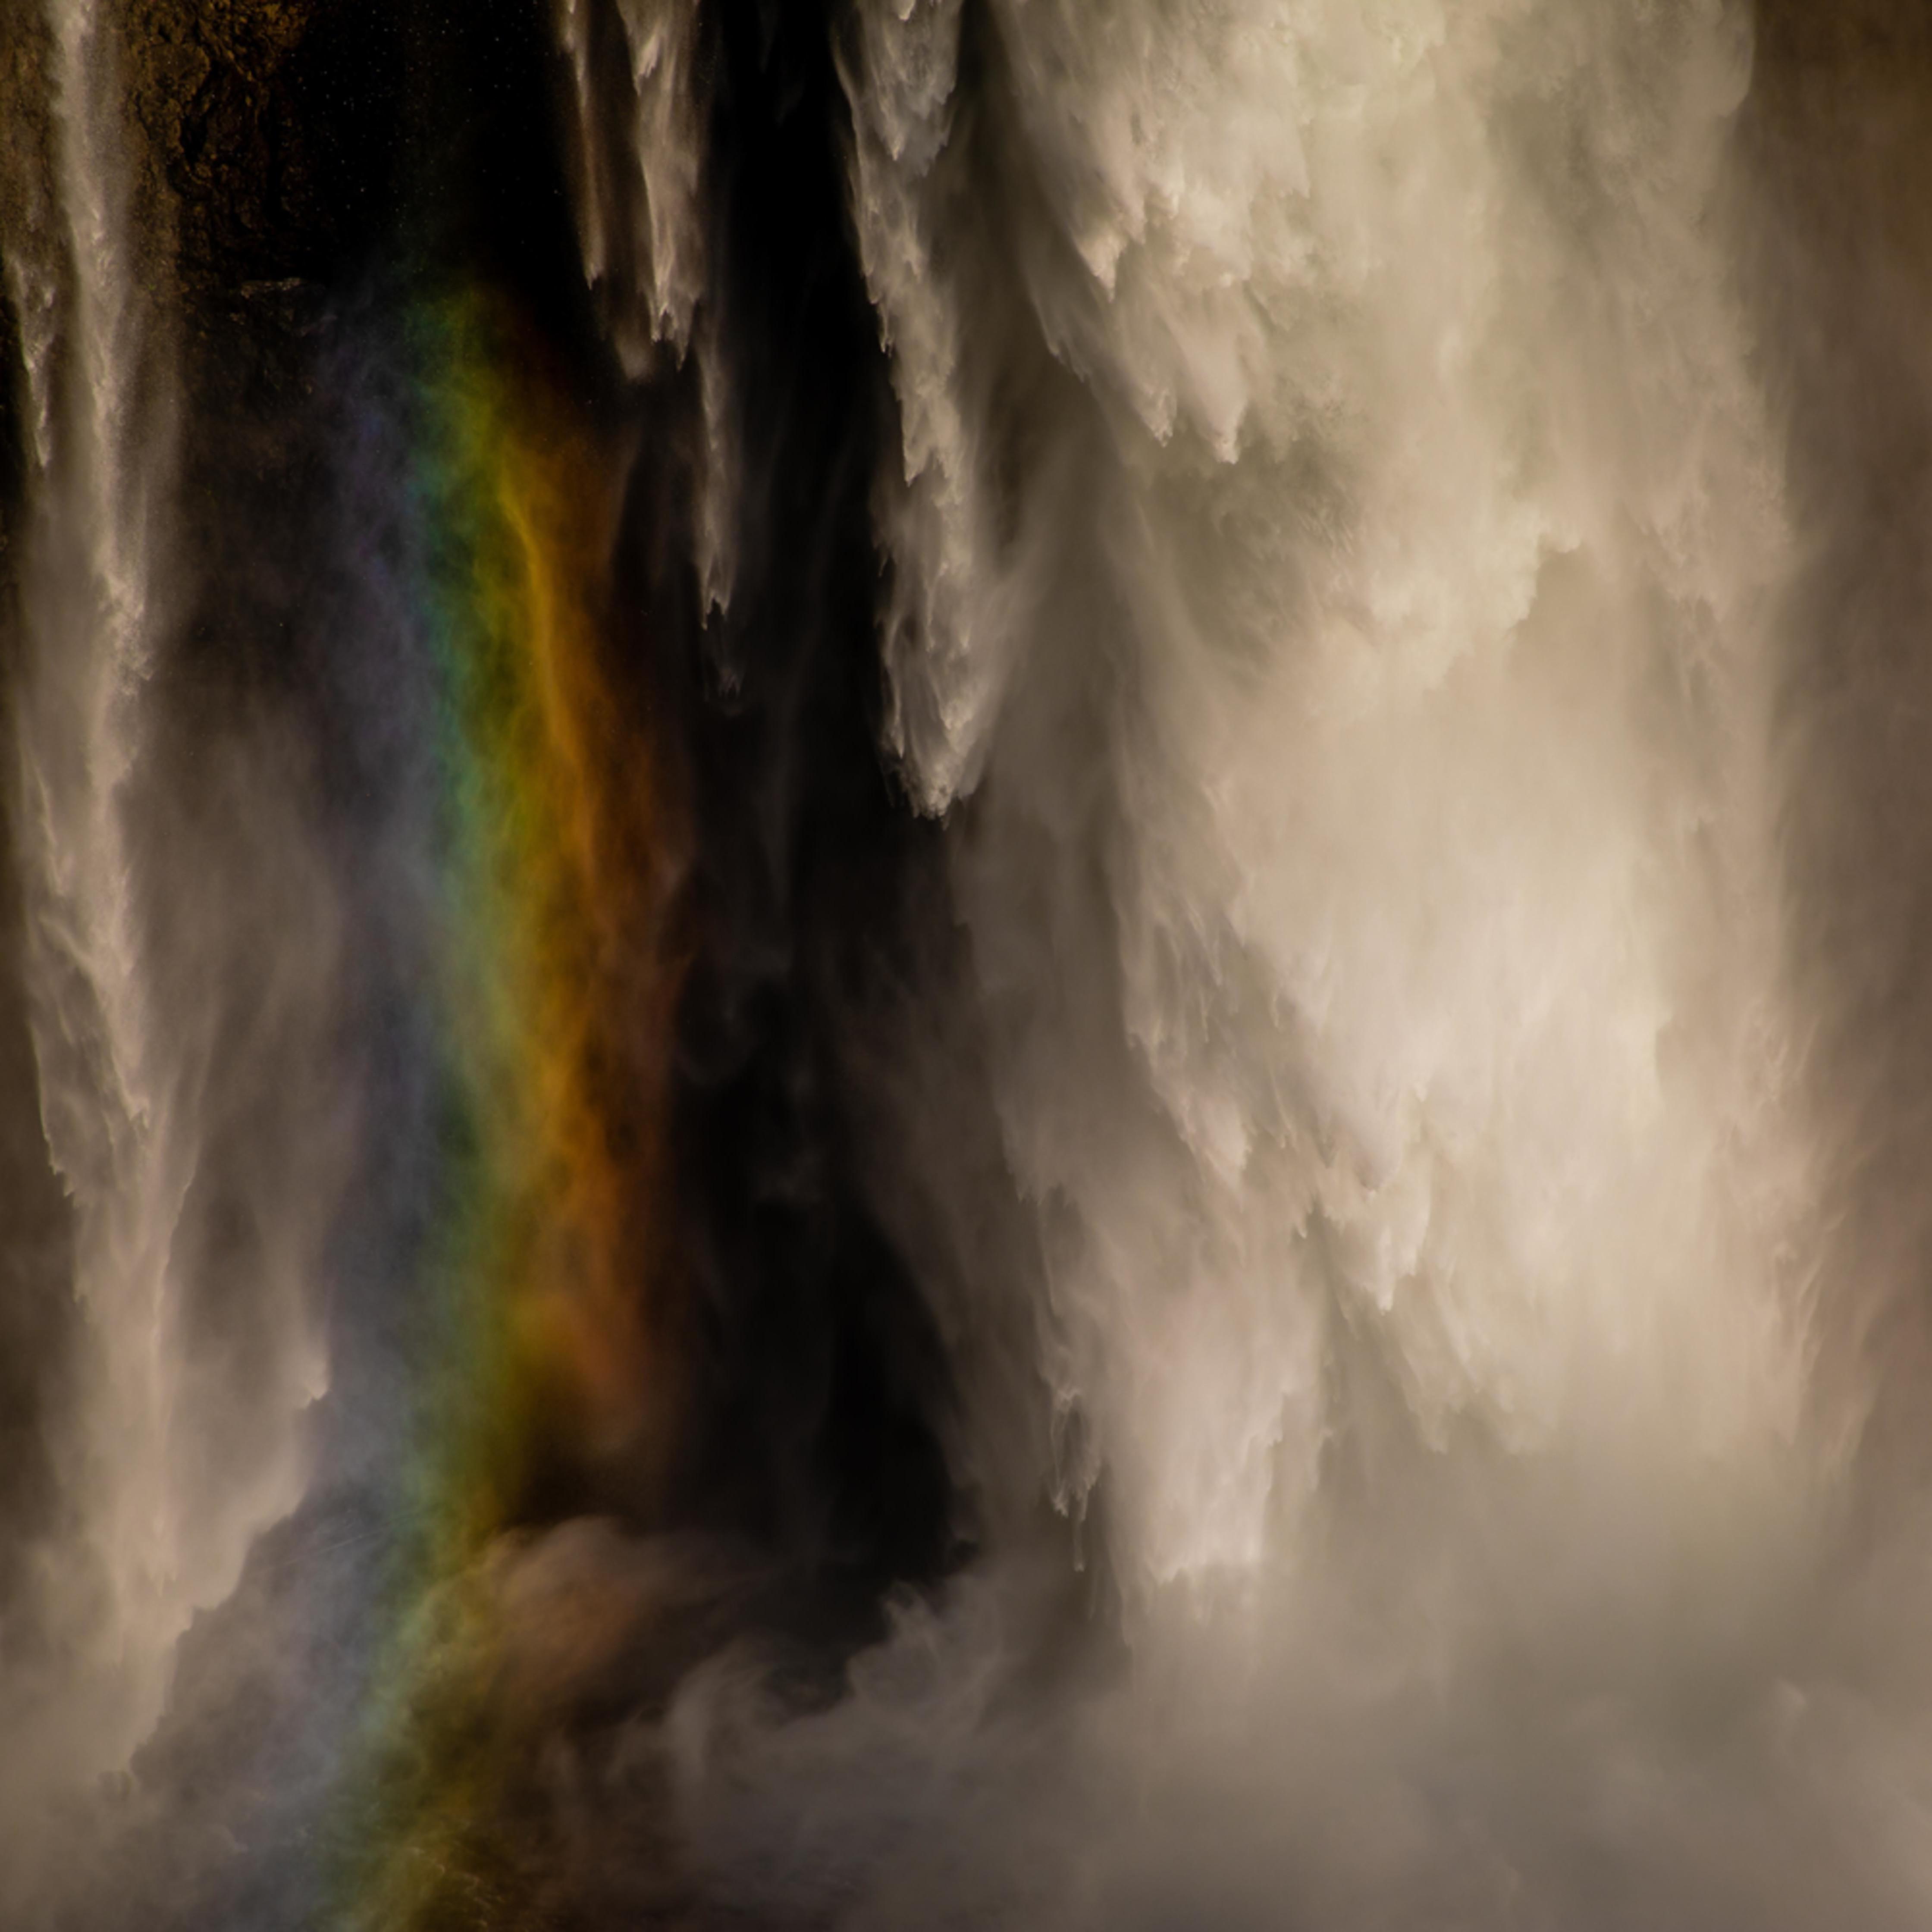 Snowqualmie rainbow rpti9i